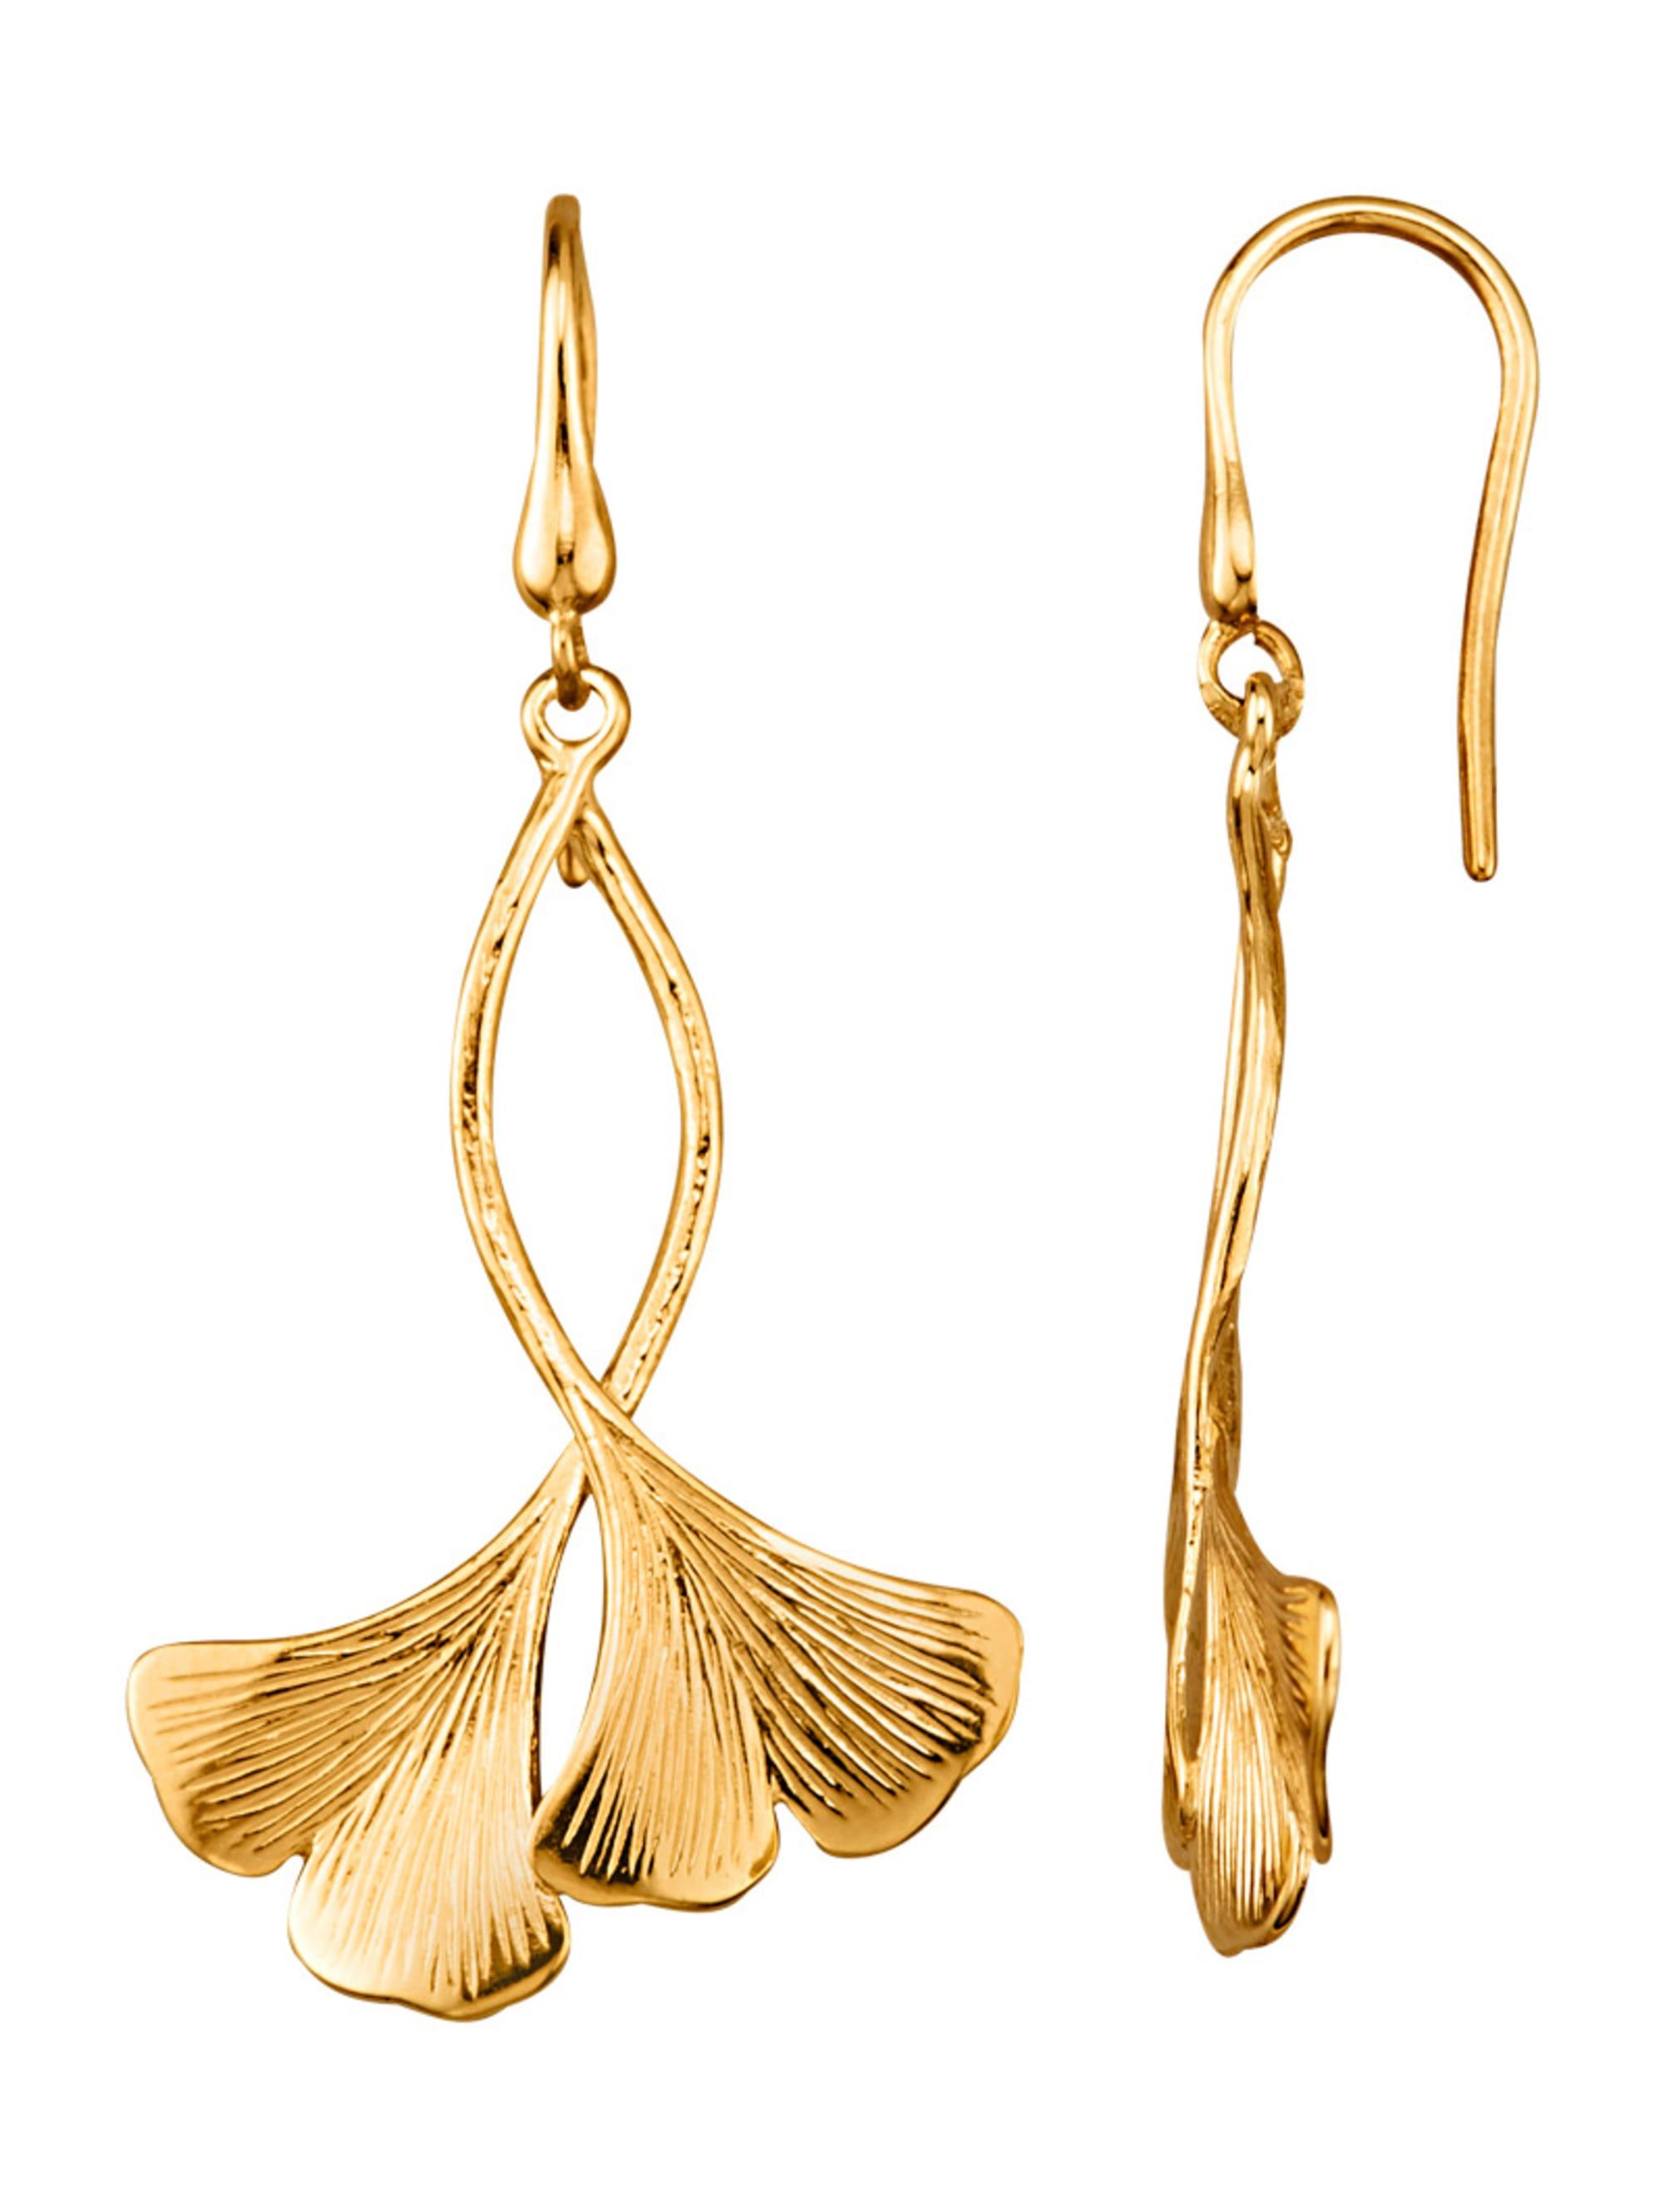 Diemer Gold Ohrringe in Gelbgold 585 LadV4